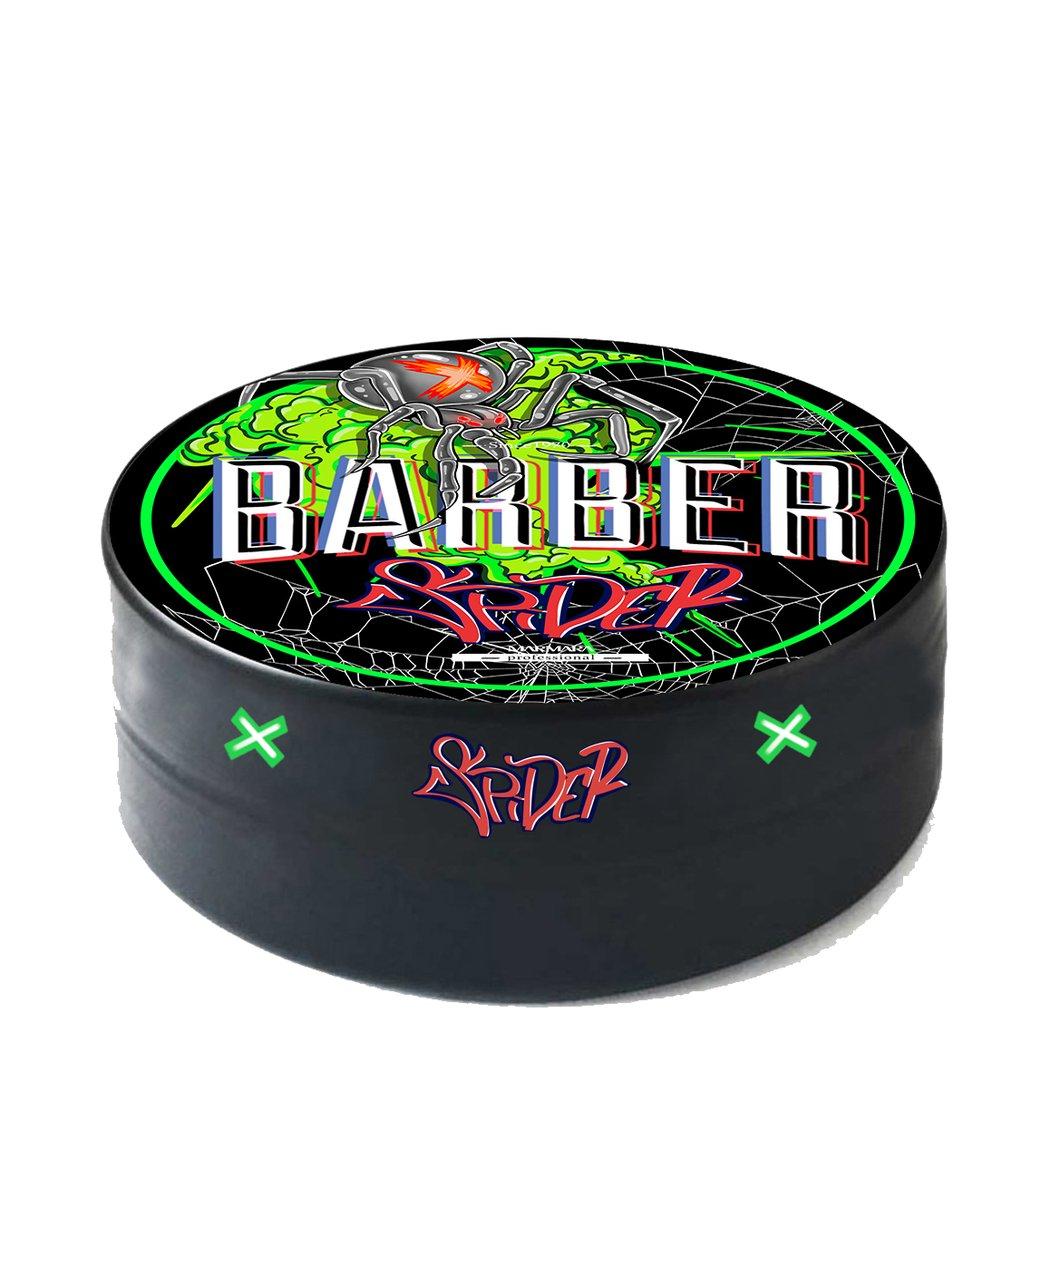 marmar barber spider wax